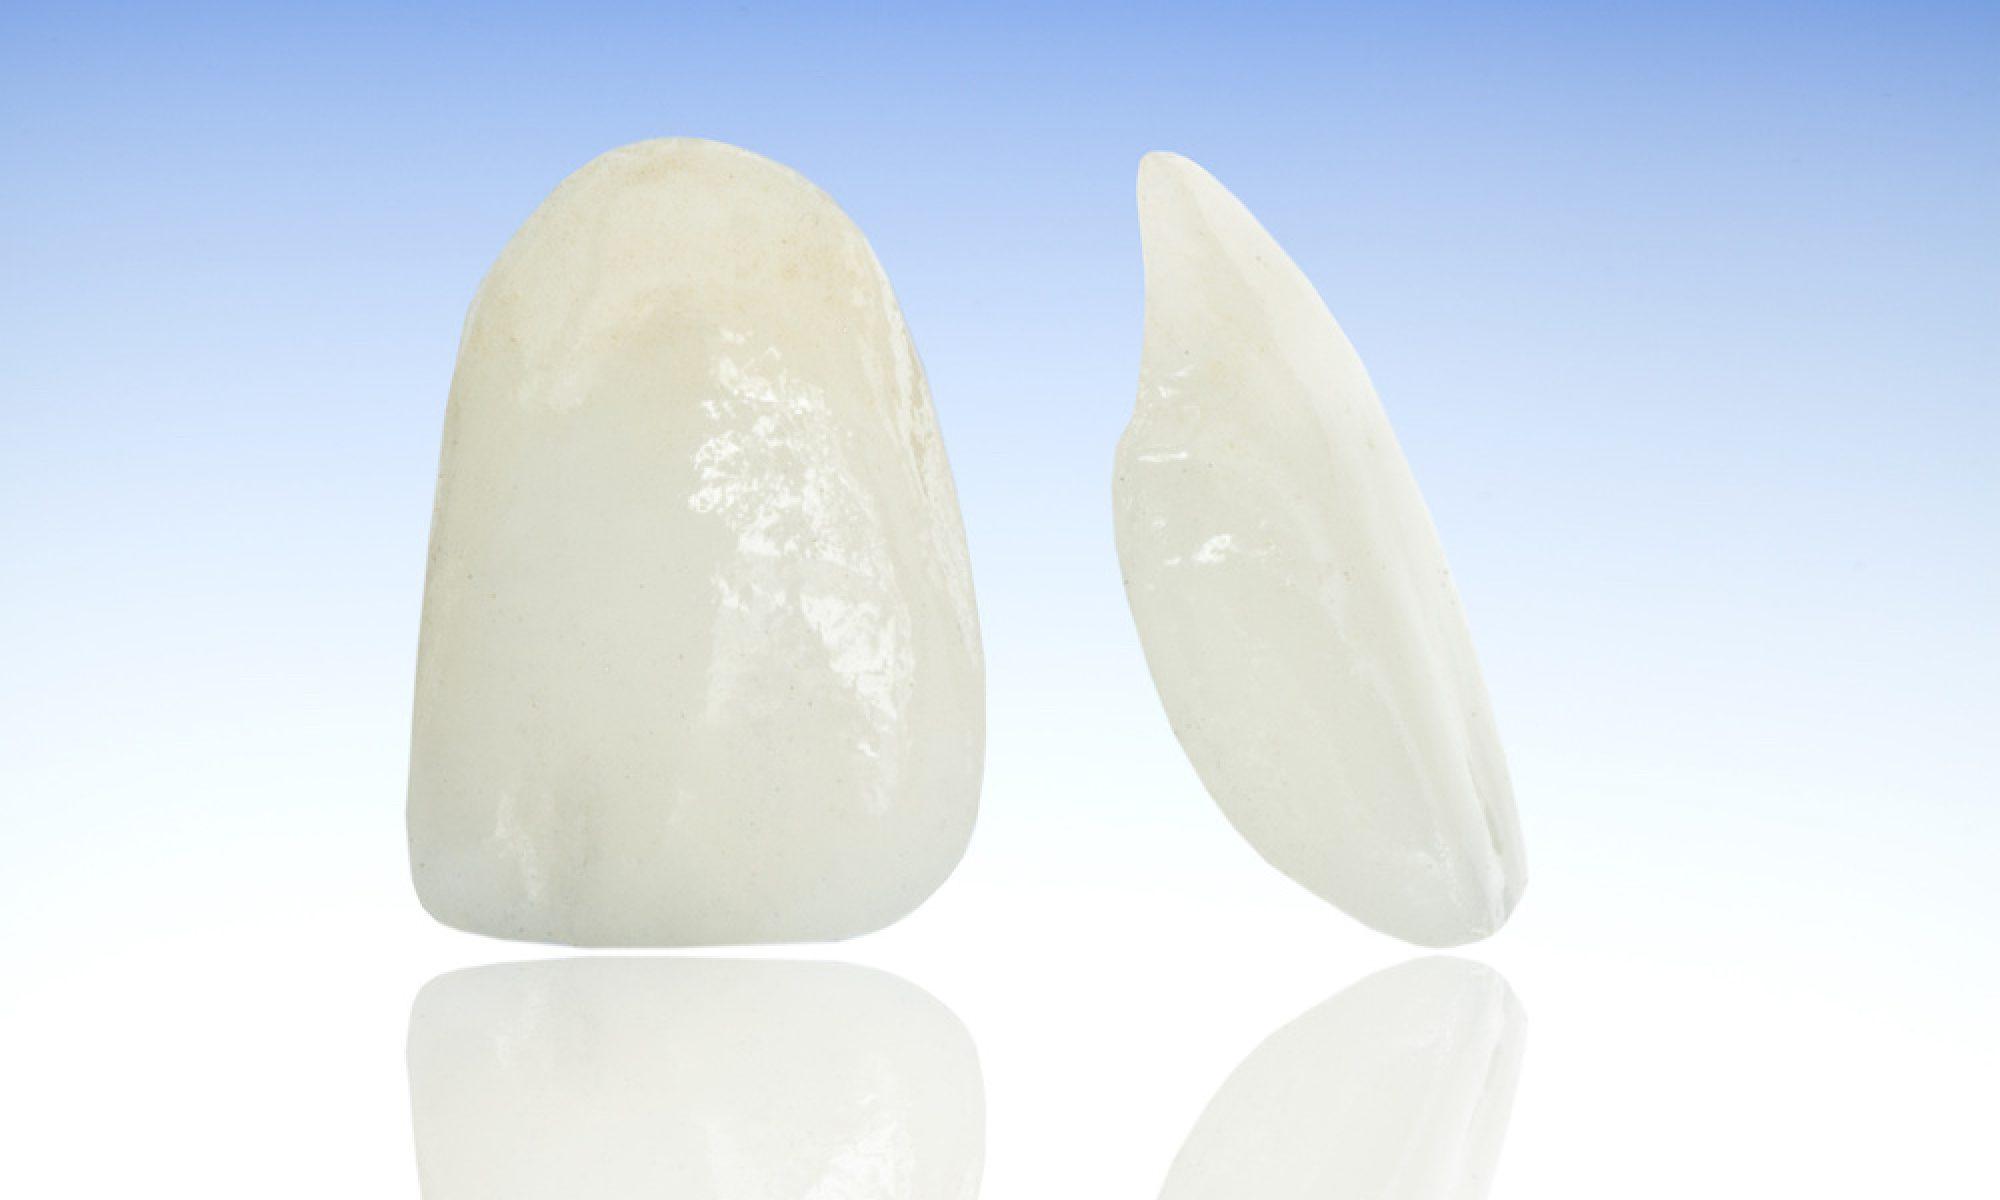 Veneers - dünne Verblendschalen für Ihre Zähne